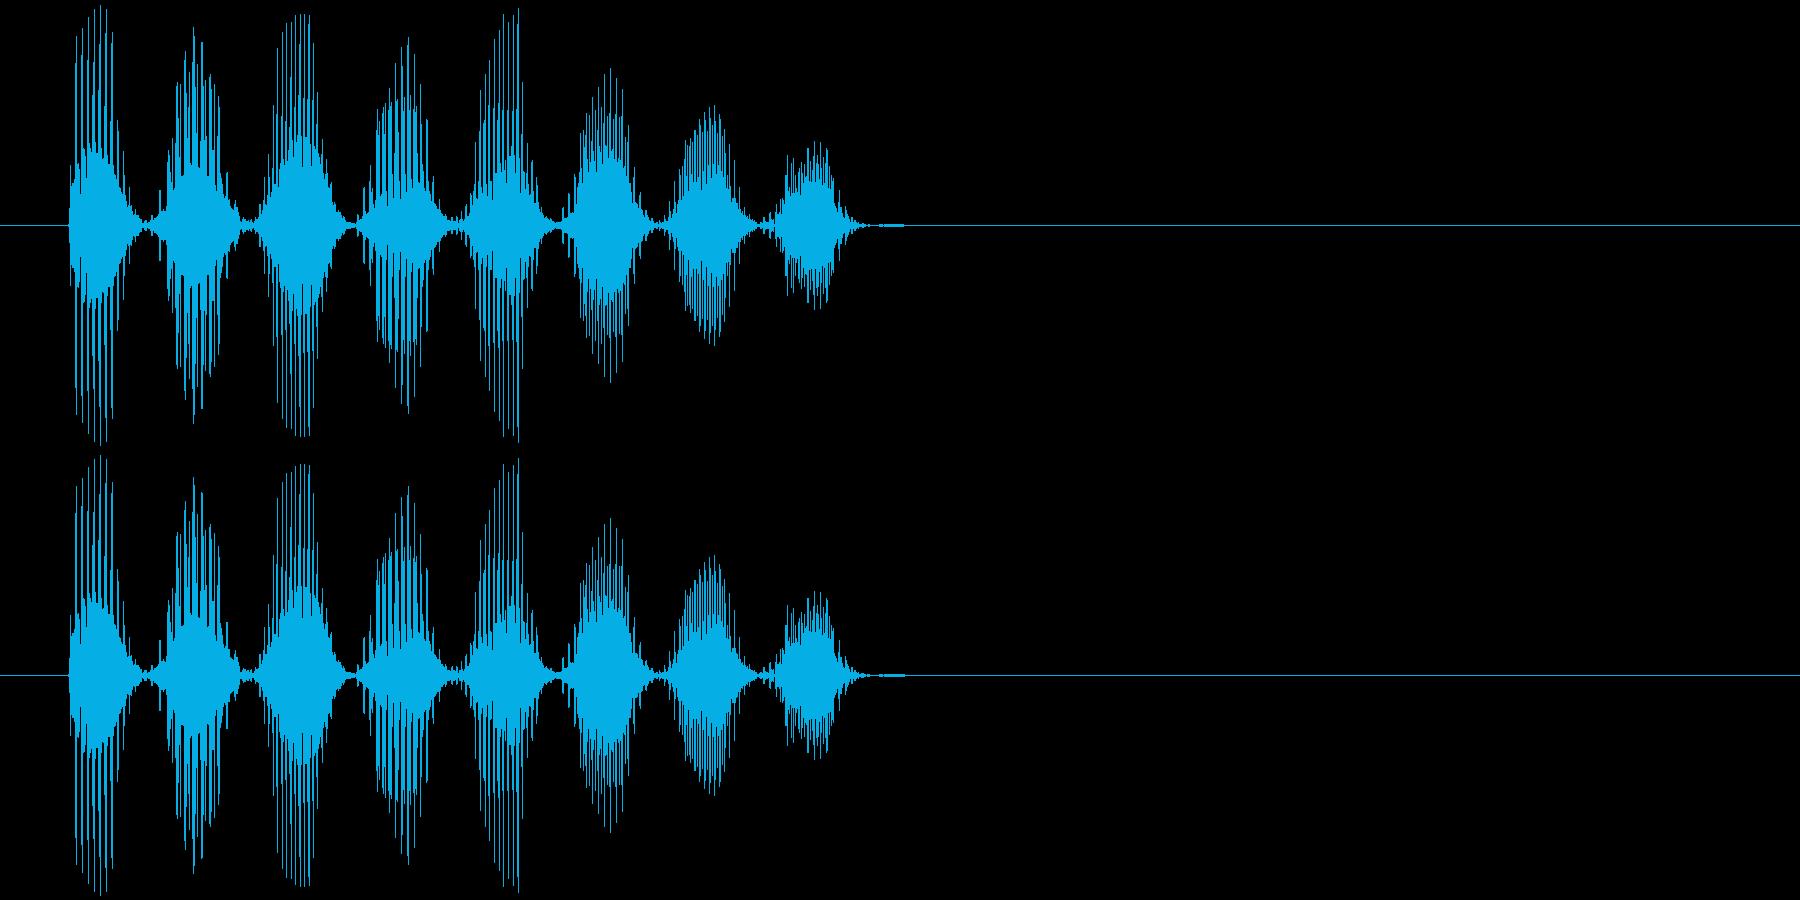 パワーダウン ゲージダウン トゥルル 毒の再生済みの波形